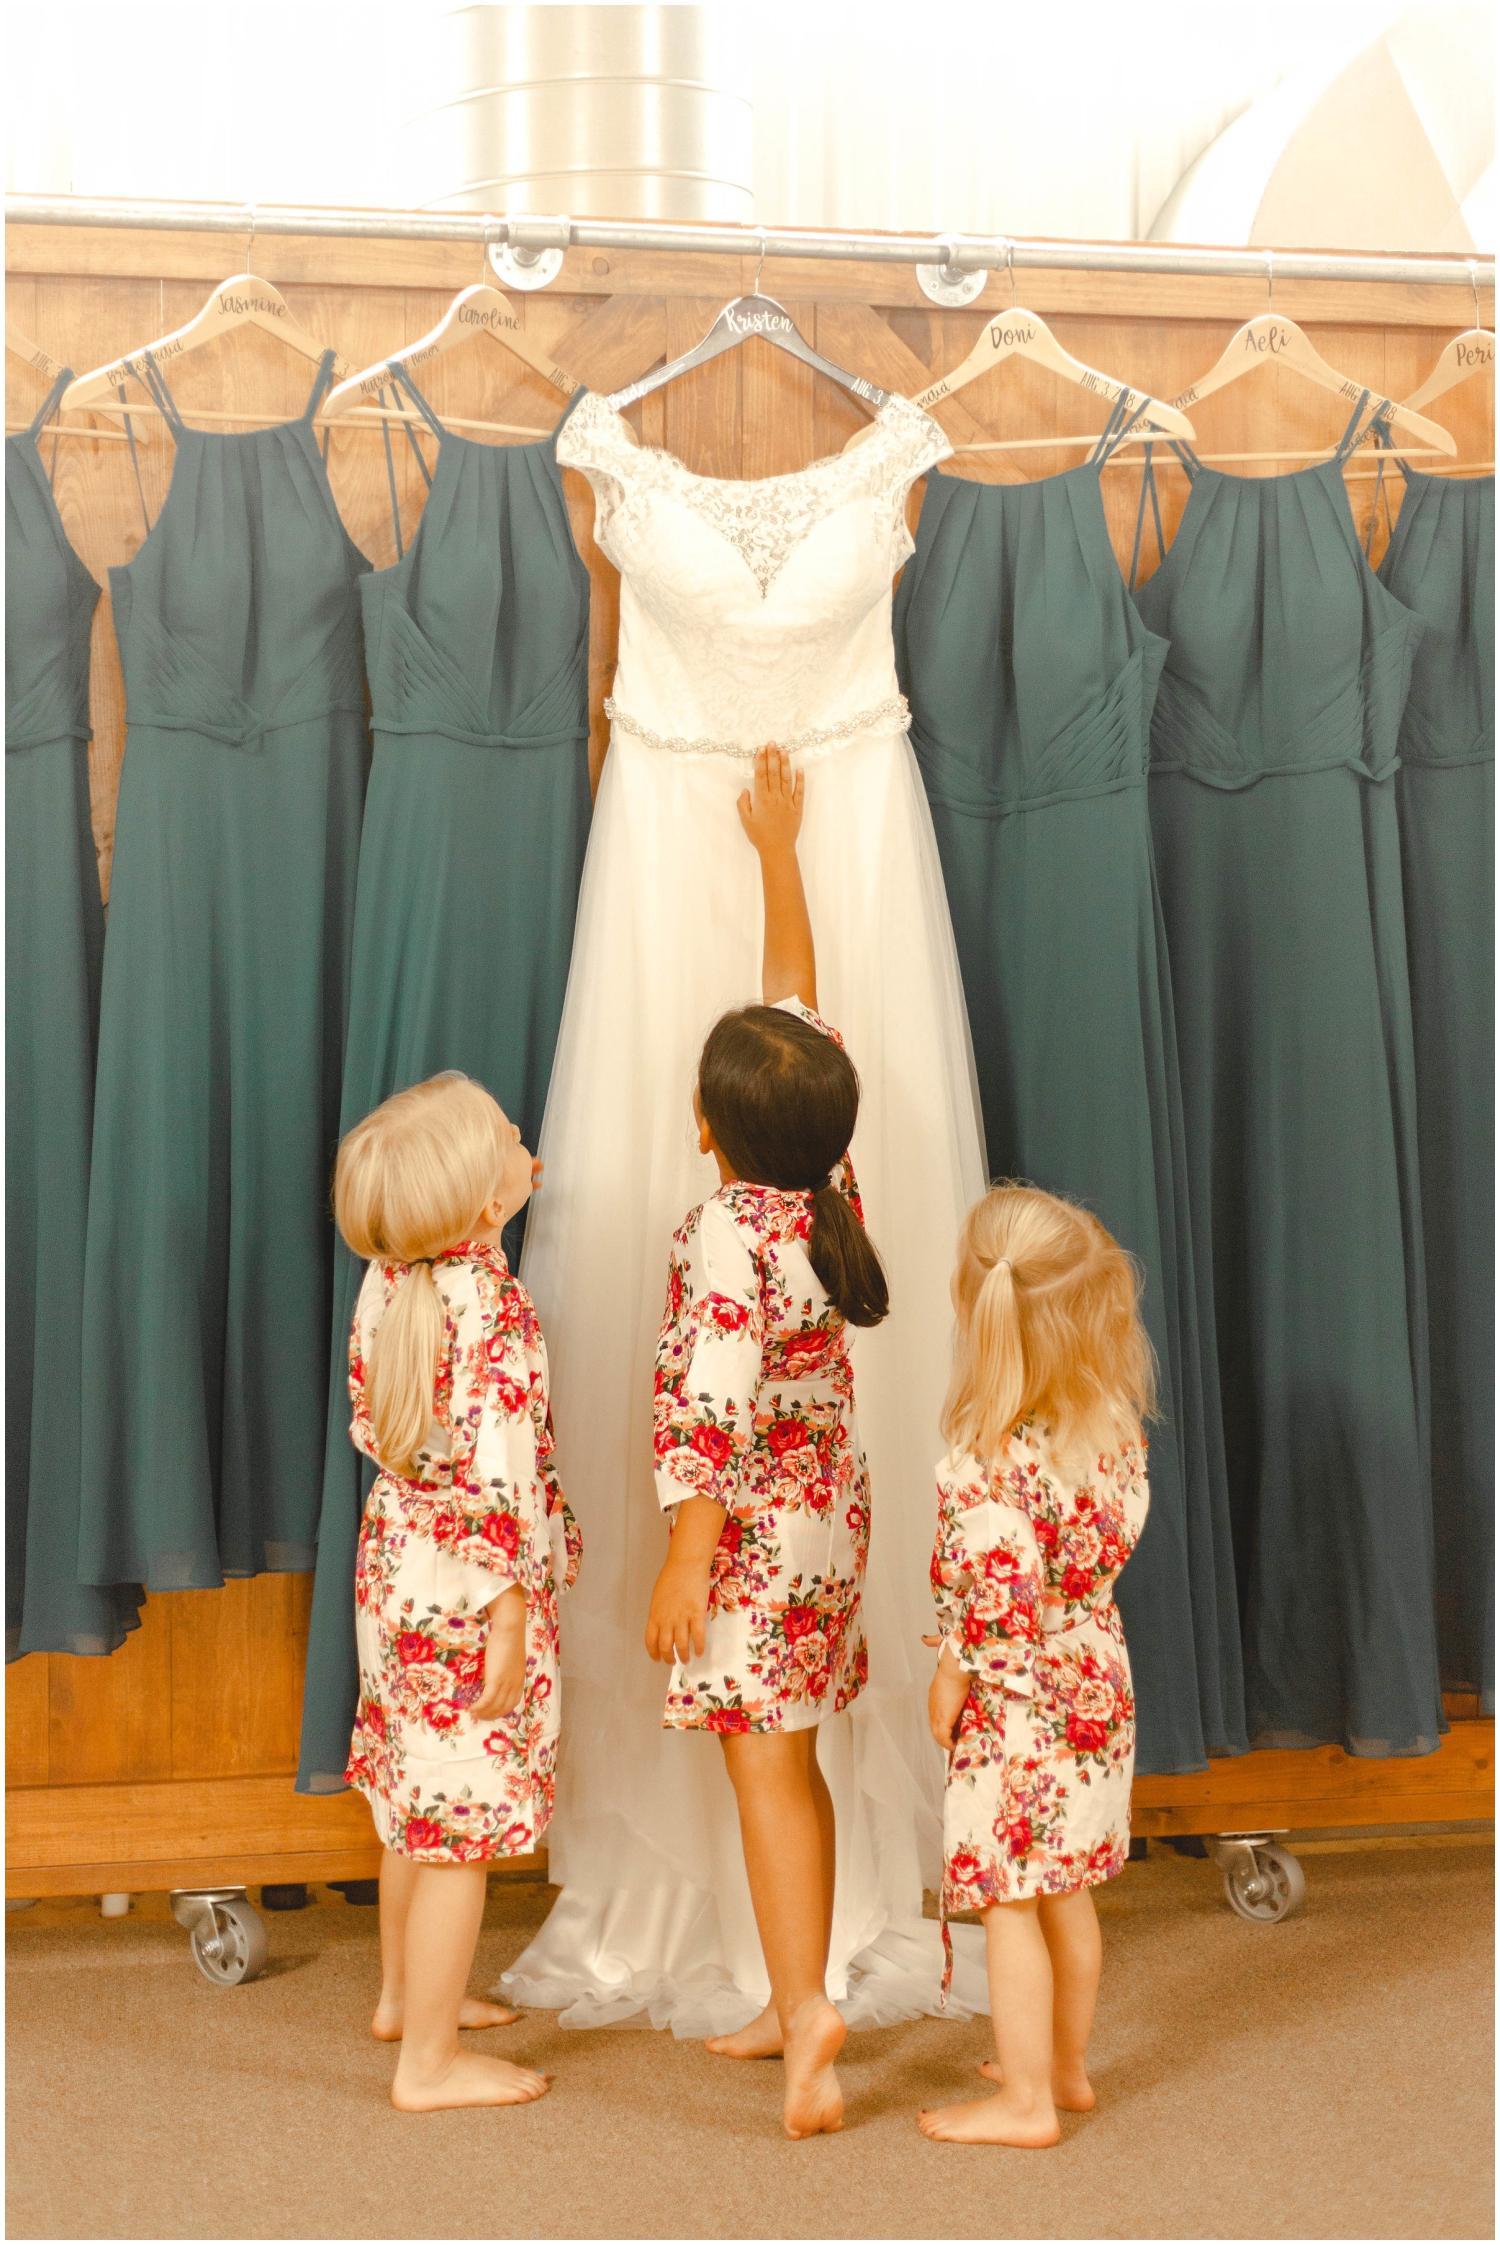 Chaska Minnesota Wedding Venue- The Outpost Center_0765.jpg